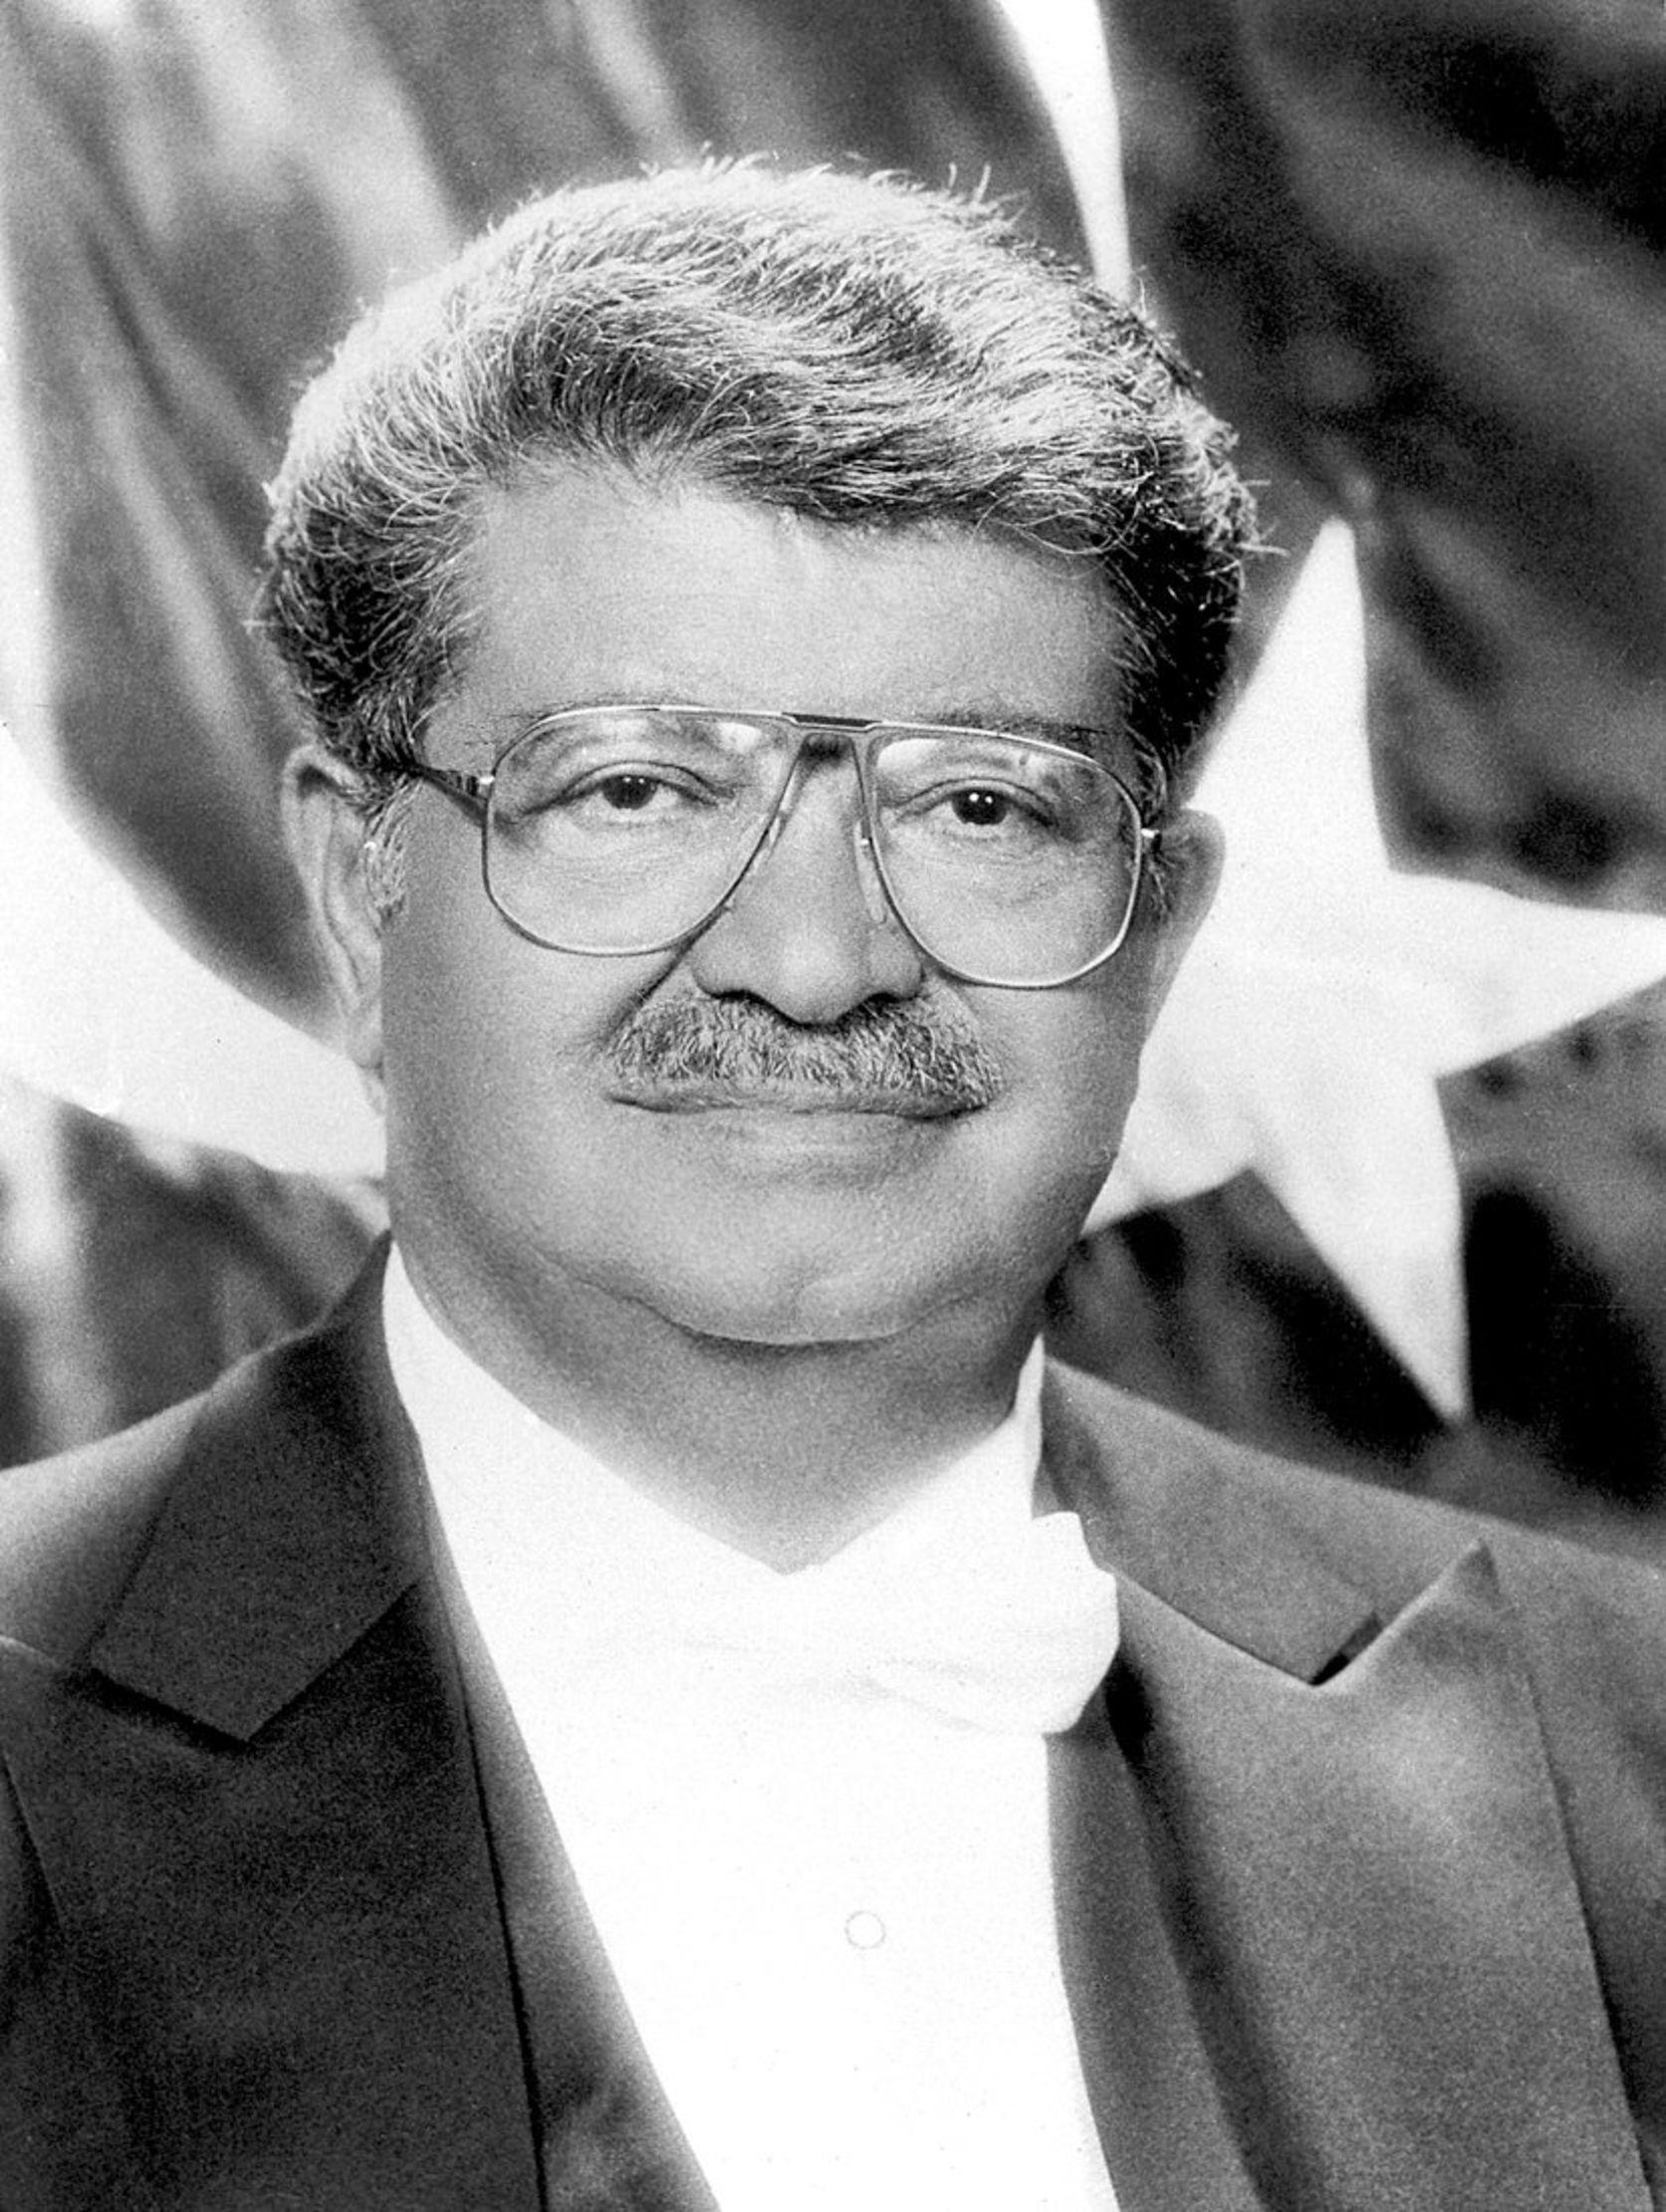 Turgut Özal, Türkiye Cumhuriyeti'nin 19'uncu Başbakanı ve 8'inci Cumhurbaşkanı oldu.